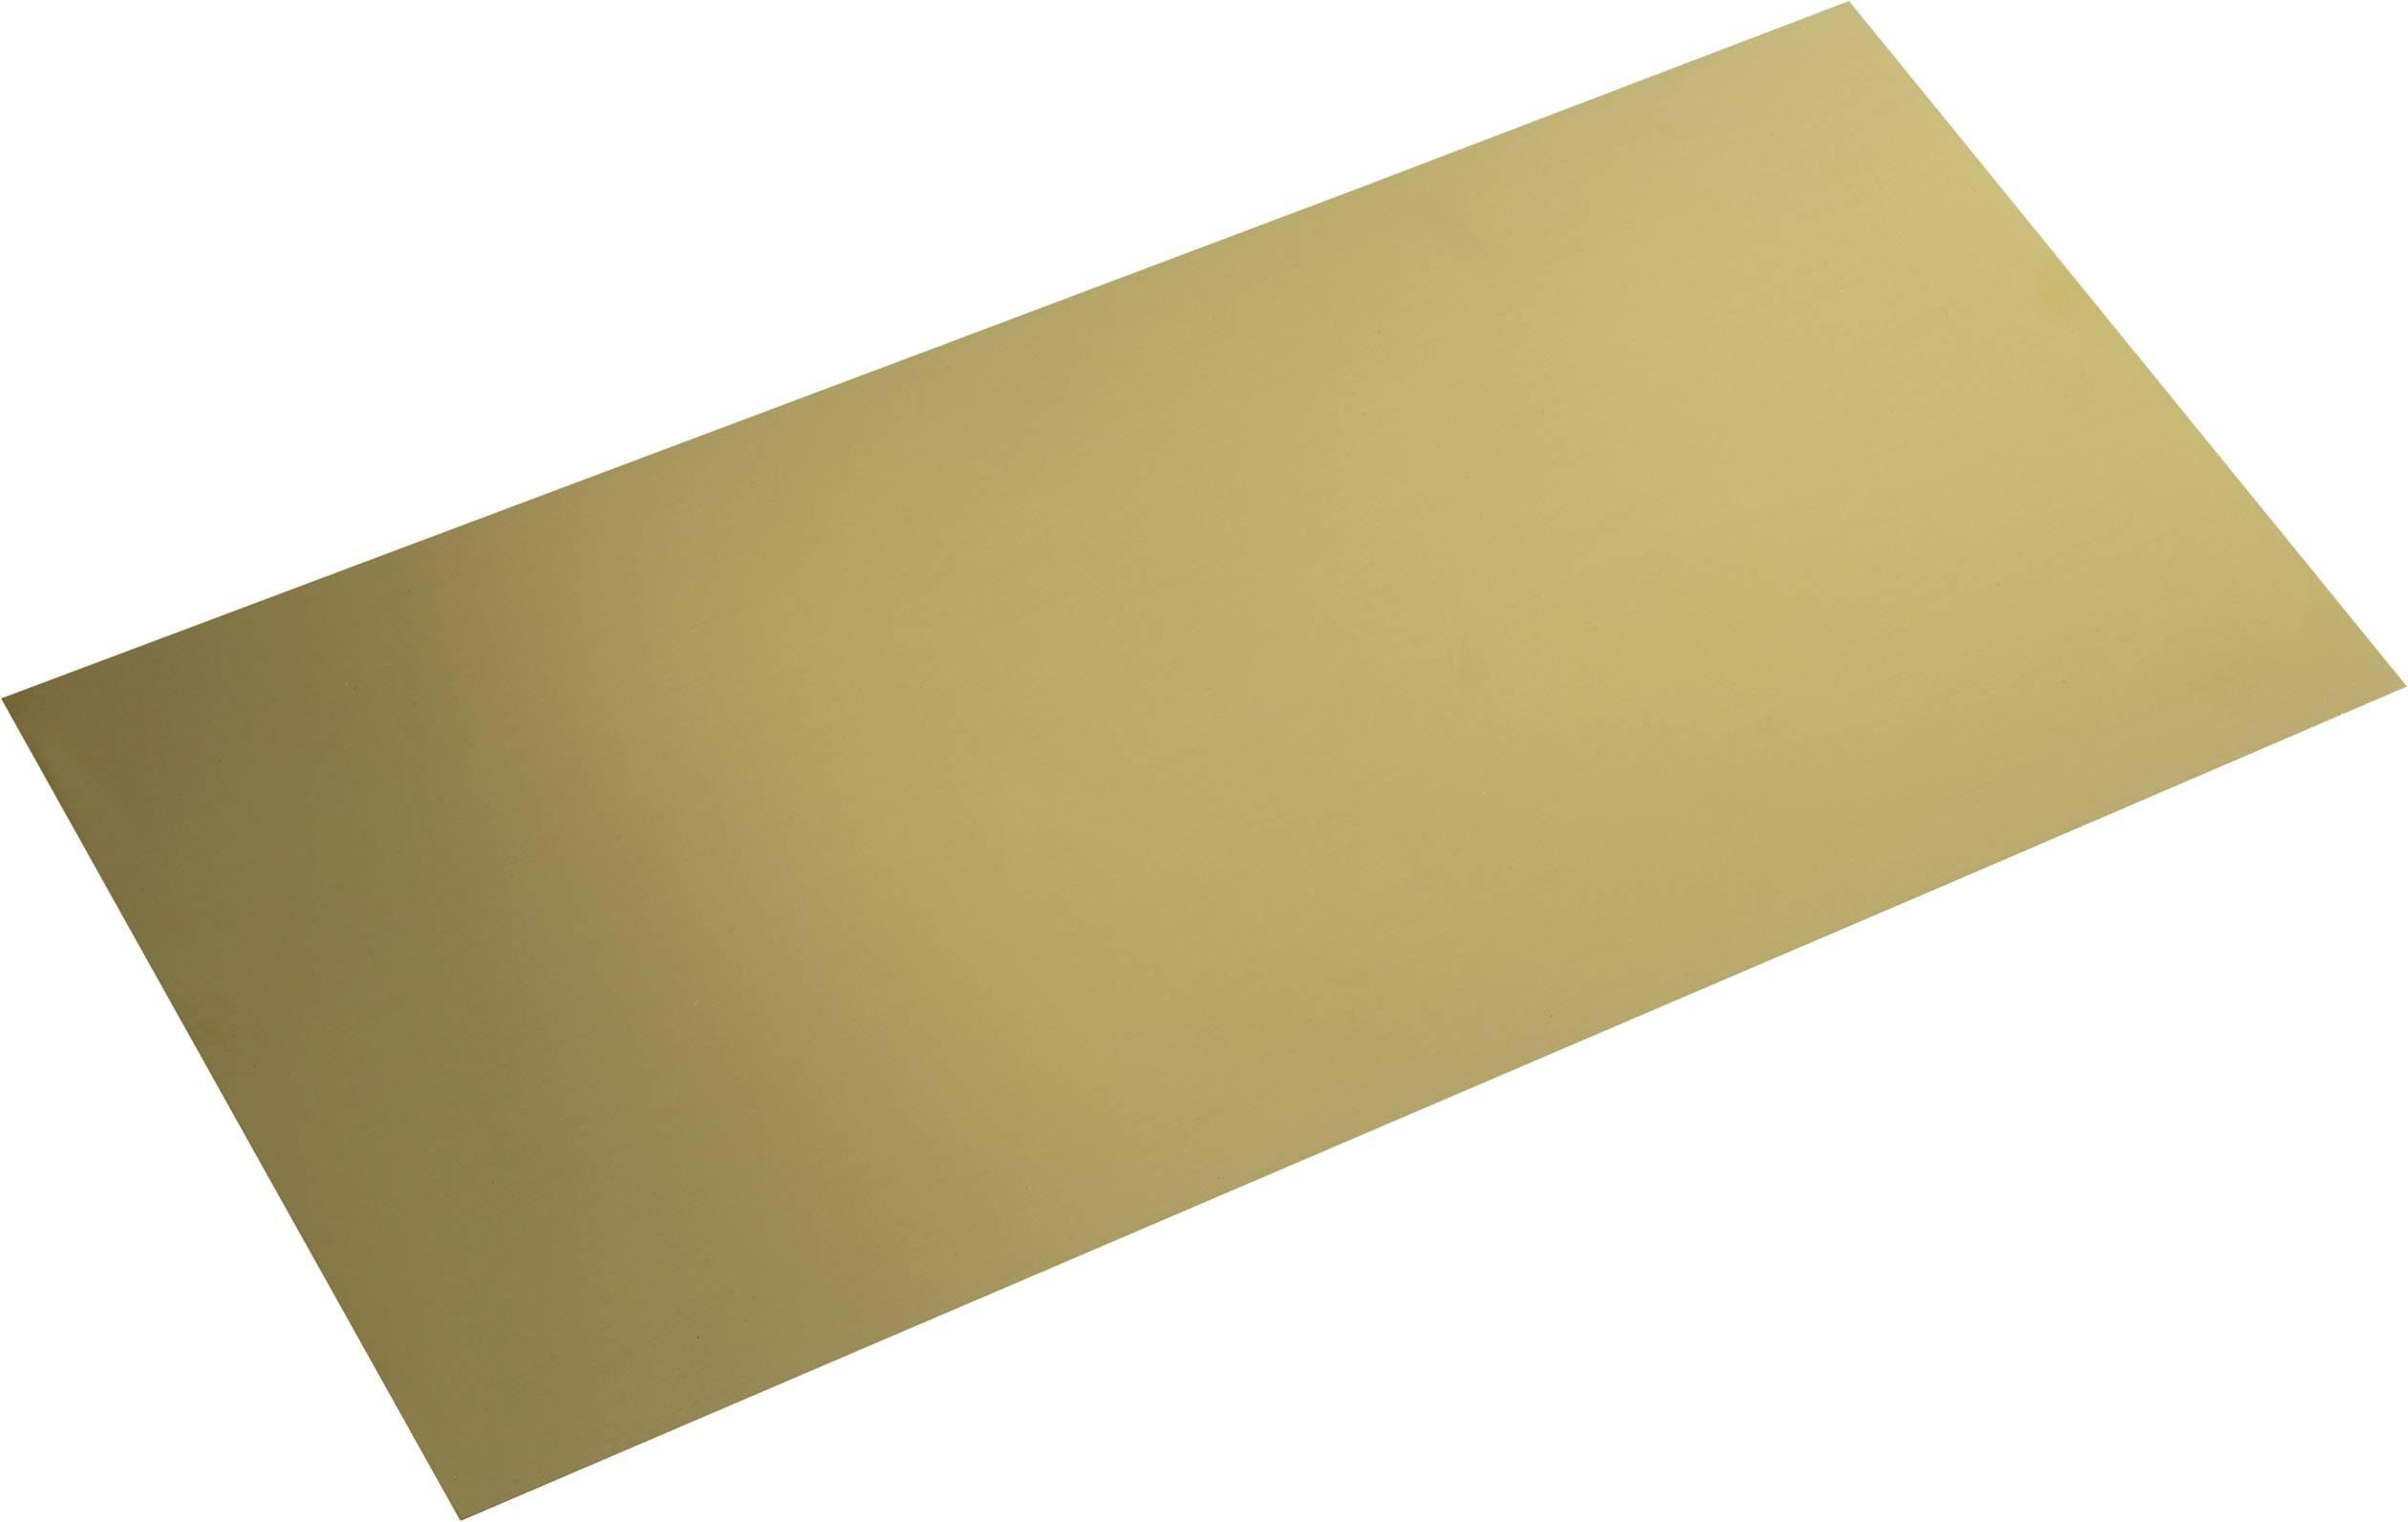 Mosazná deska Modelcraft, 400 x 200 x 0,6 mm